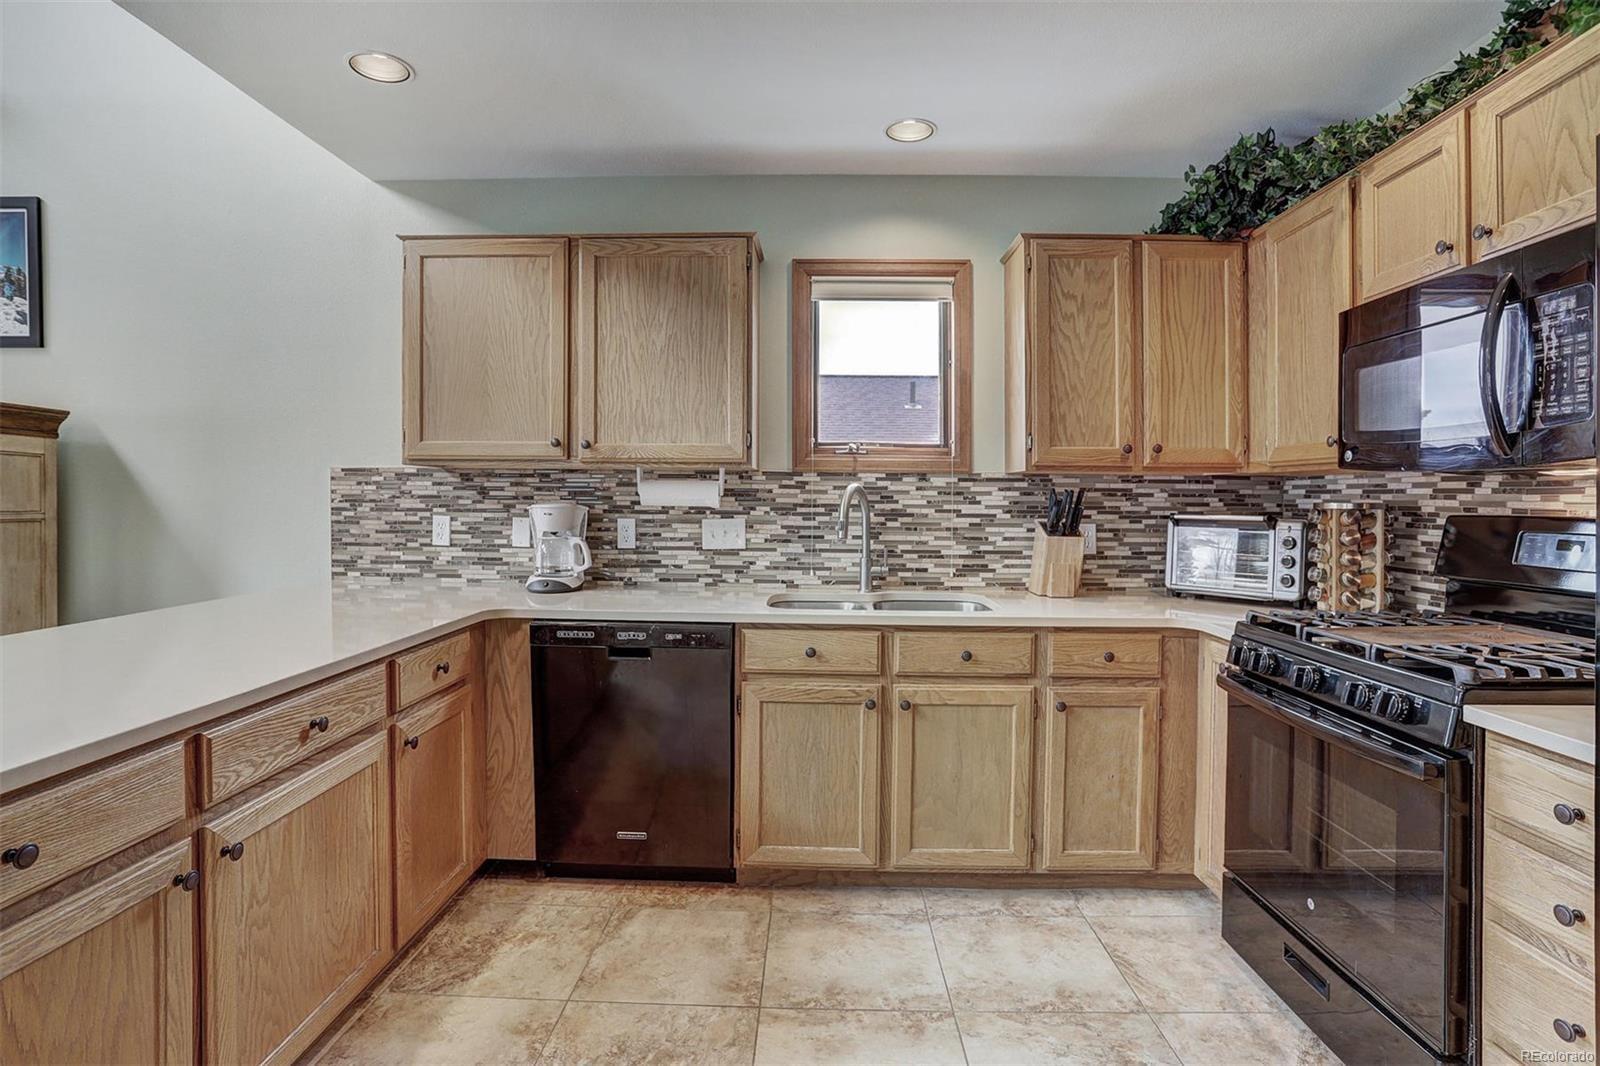 MLS# 6560106 - 8 - 1105 Mesa Drive, Silverthorne, CO 80498